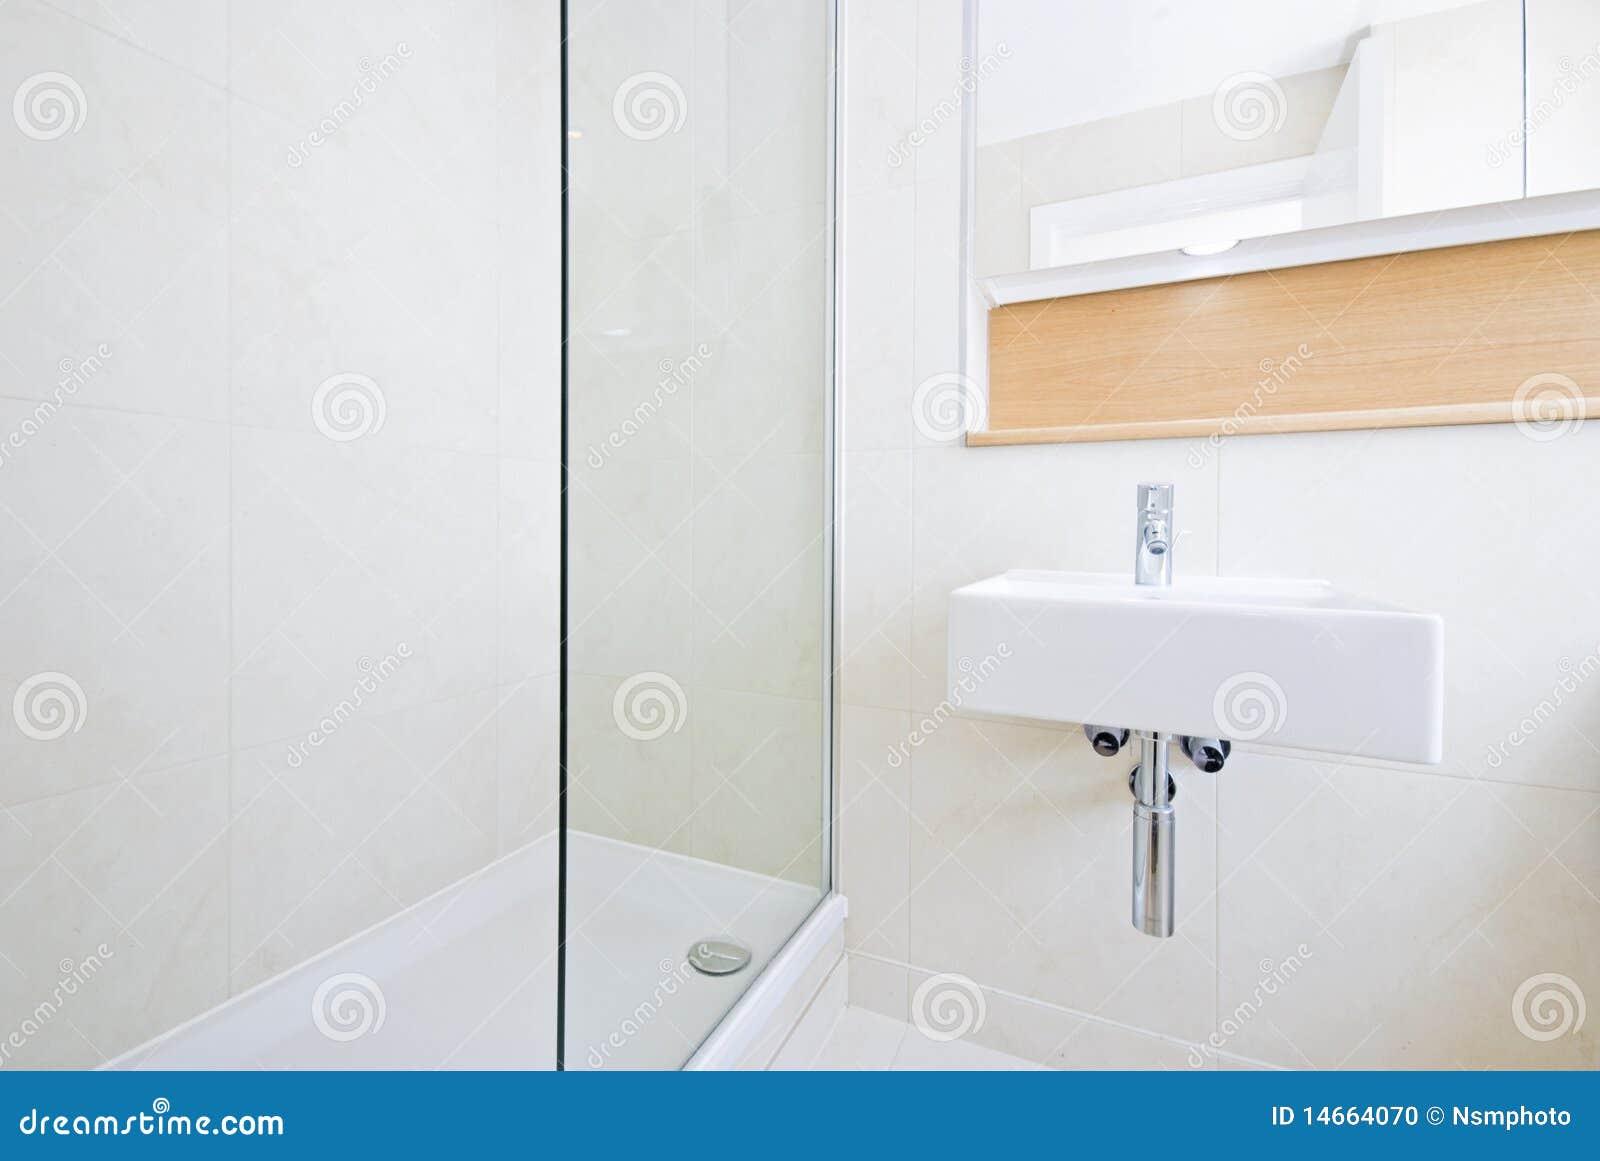 salle de bains moderne de suite d 39 en avec la grande douche photo stock image 14664070. Black Bedroom Furniture Sets. Home Design Ideas